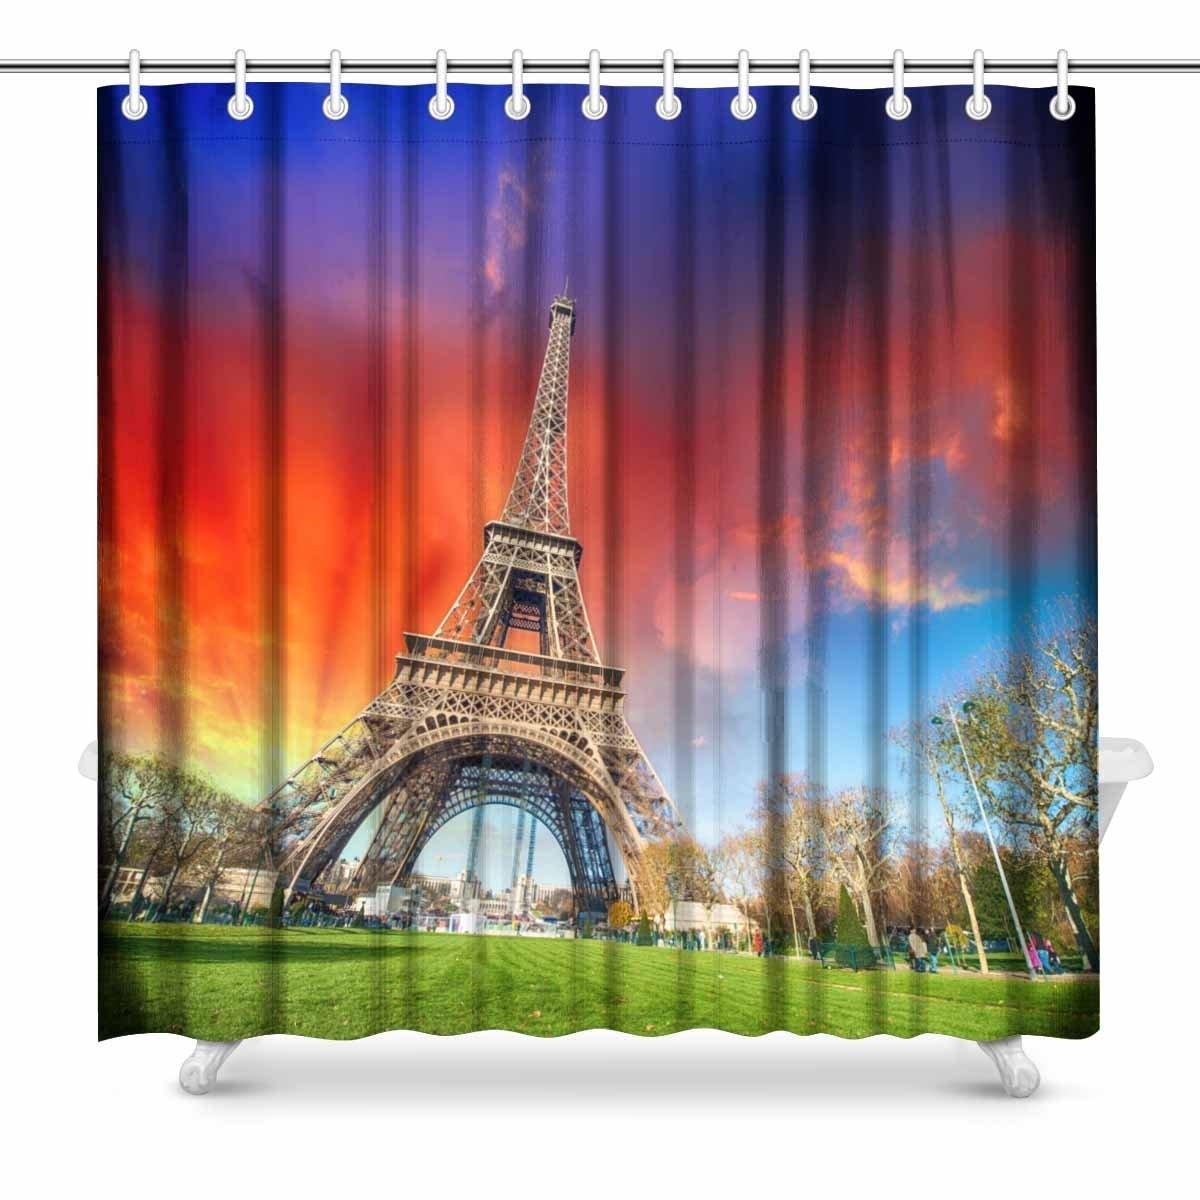 Minnelijk Aplysia Parijs Frankrijk Wonderful View Van Tour Eiffel Met Tuinen En Kleurrijke Sky Print Polyester Stof Douchegordijnen Glanzend Oppervlak